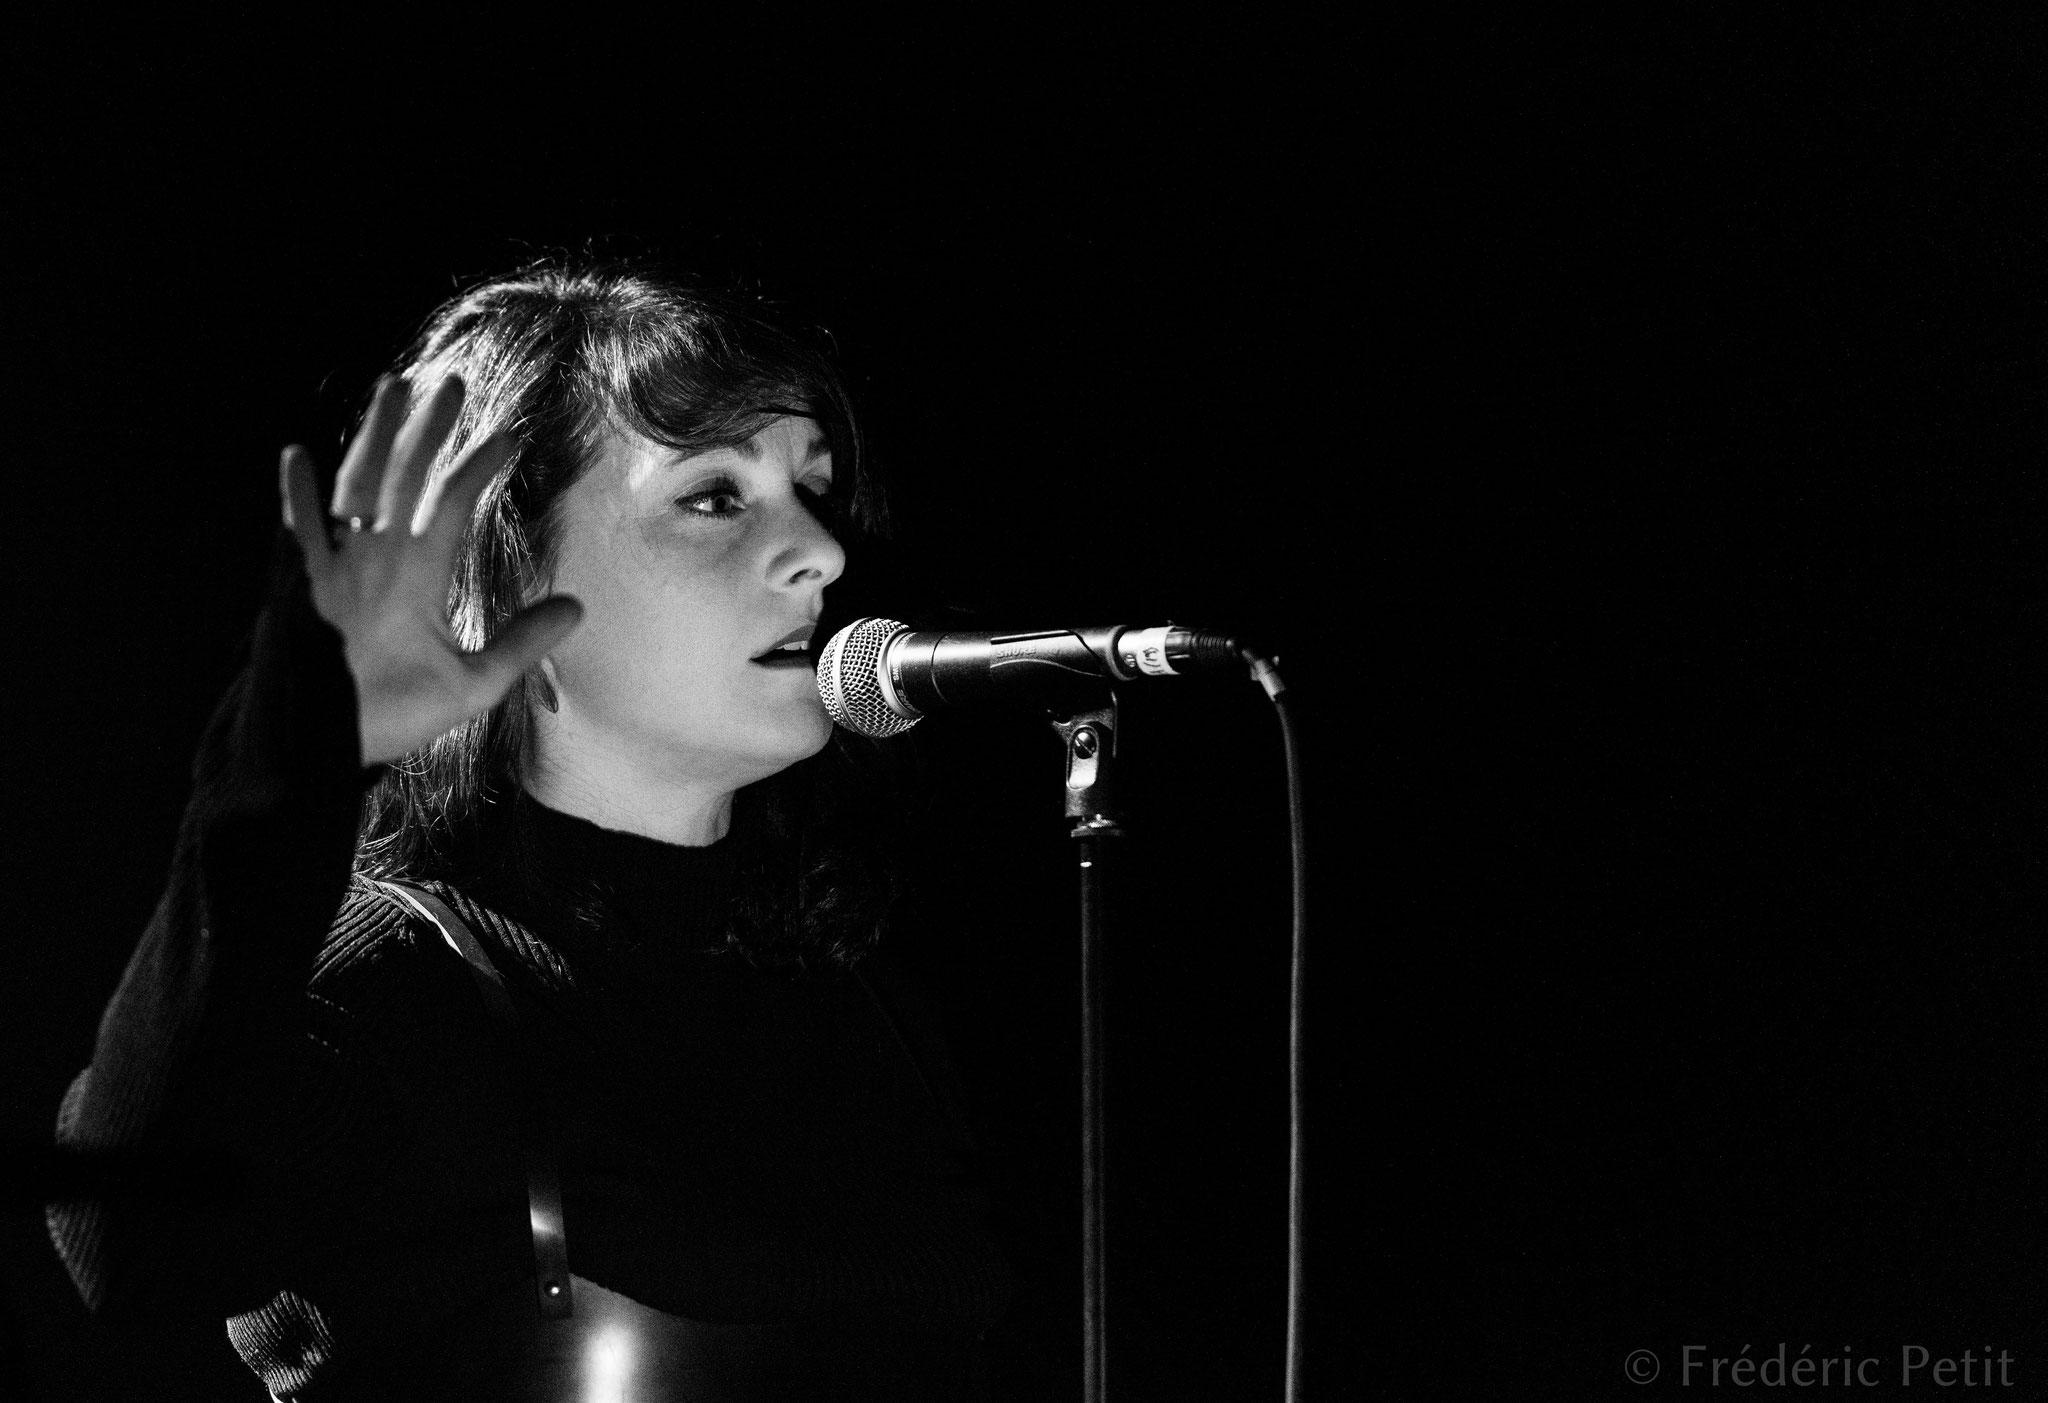 14 octobre 2016 - Mélanie Pain @ 3 Baudets (MaMA Festival)